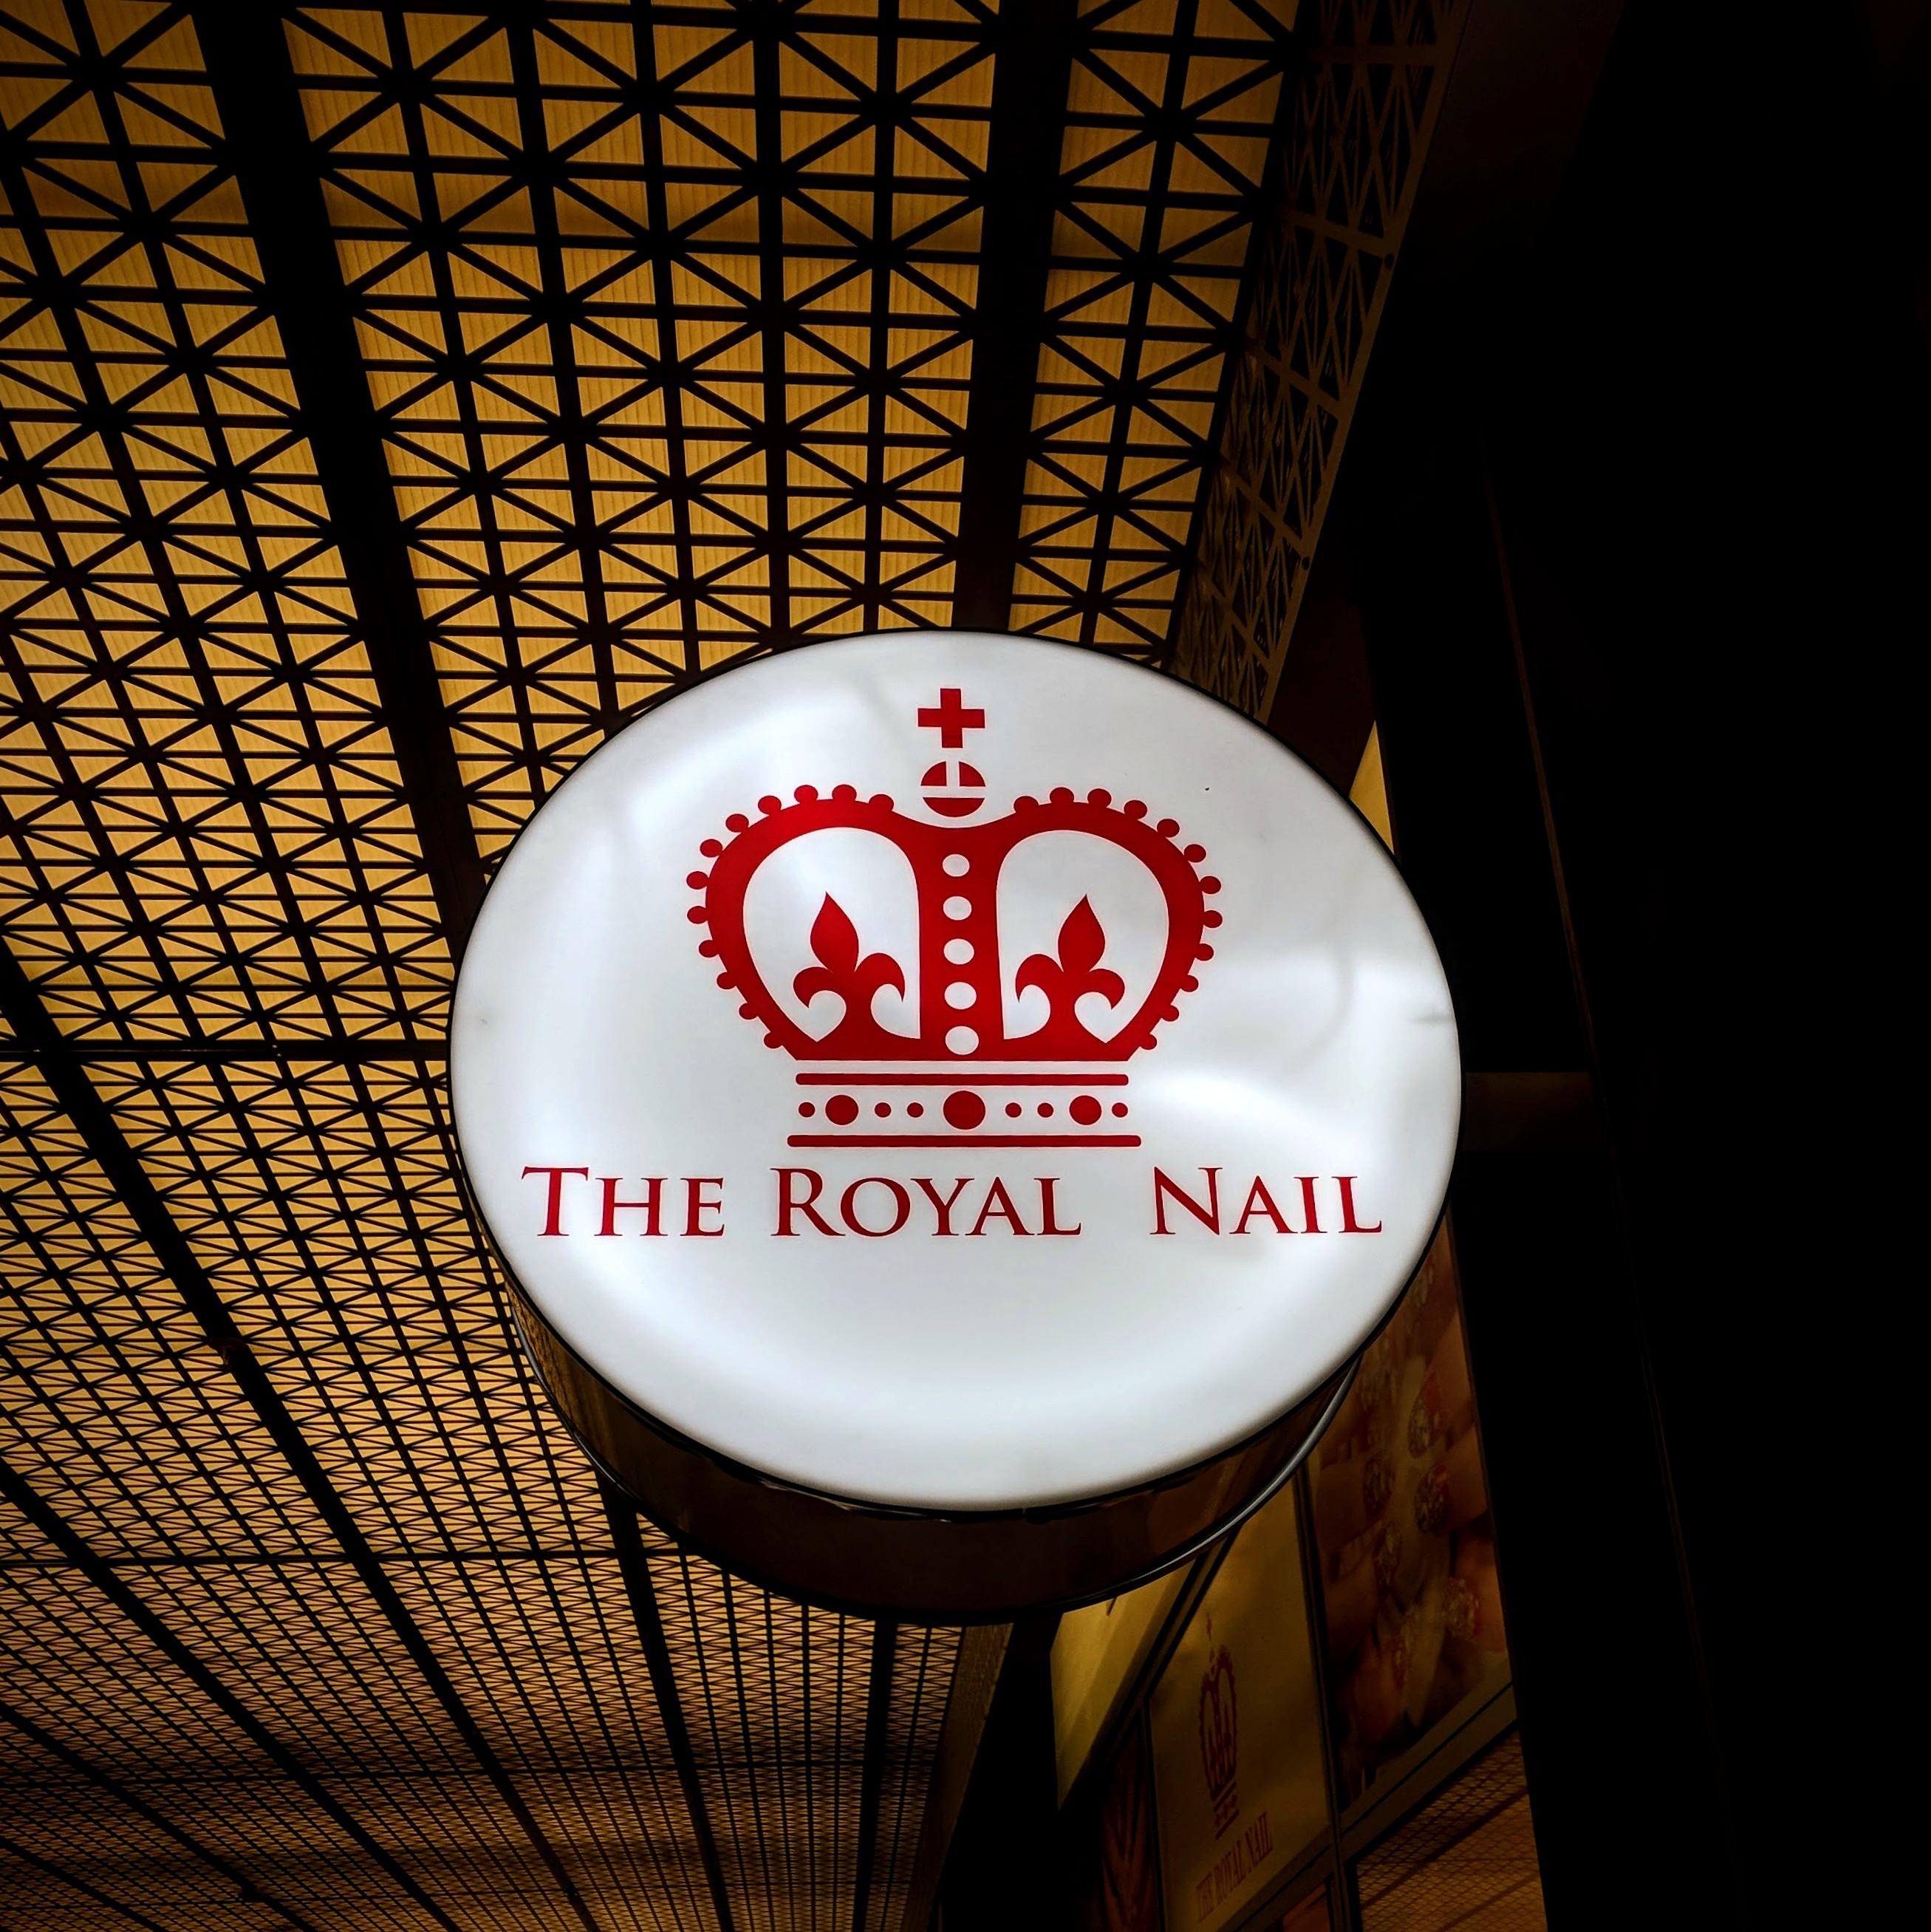 'The Royal Nail' shop sign